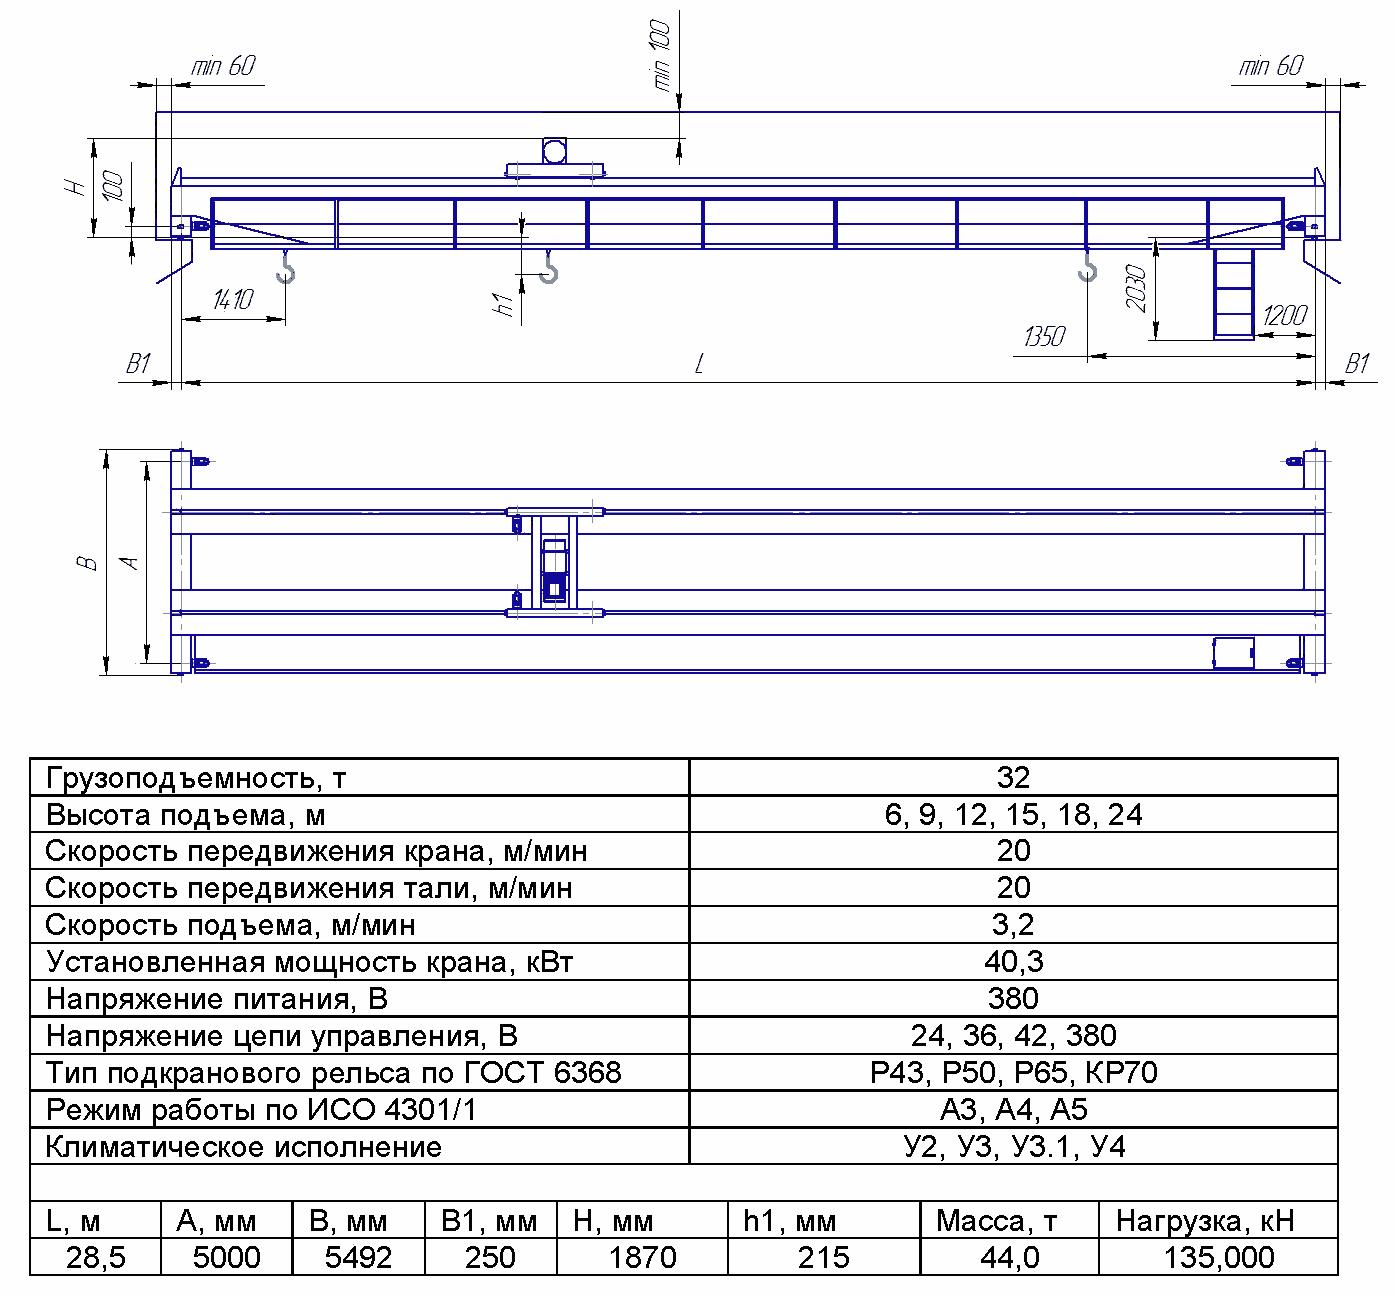 KMON 7 7 - Опорный мостовой кран общего назначения